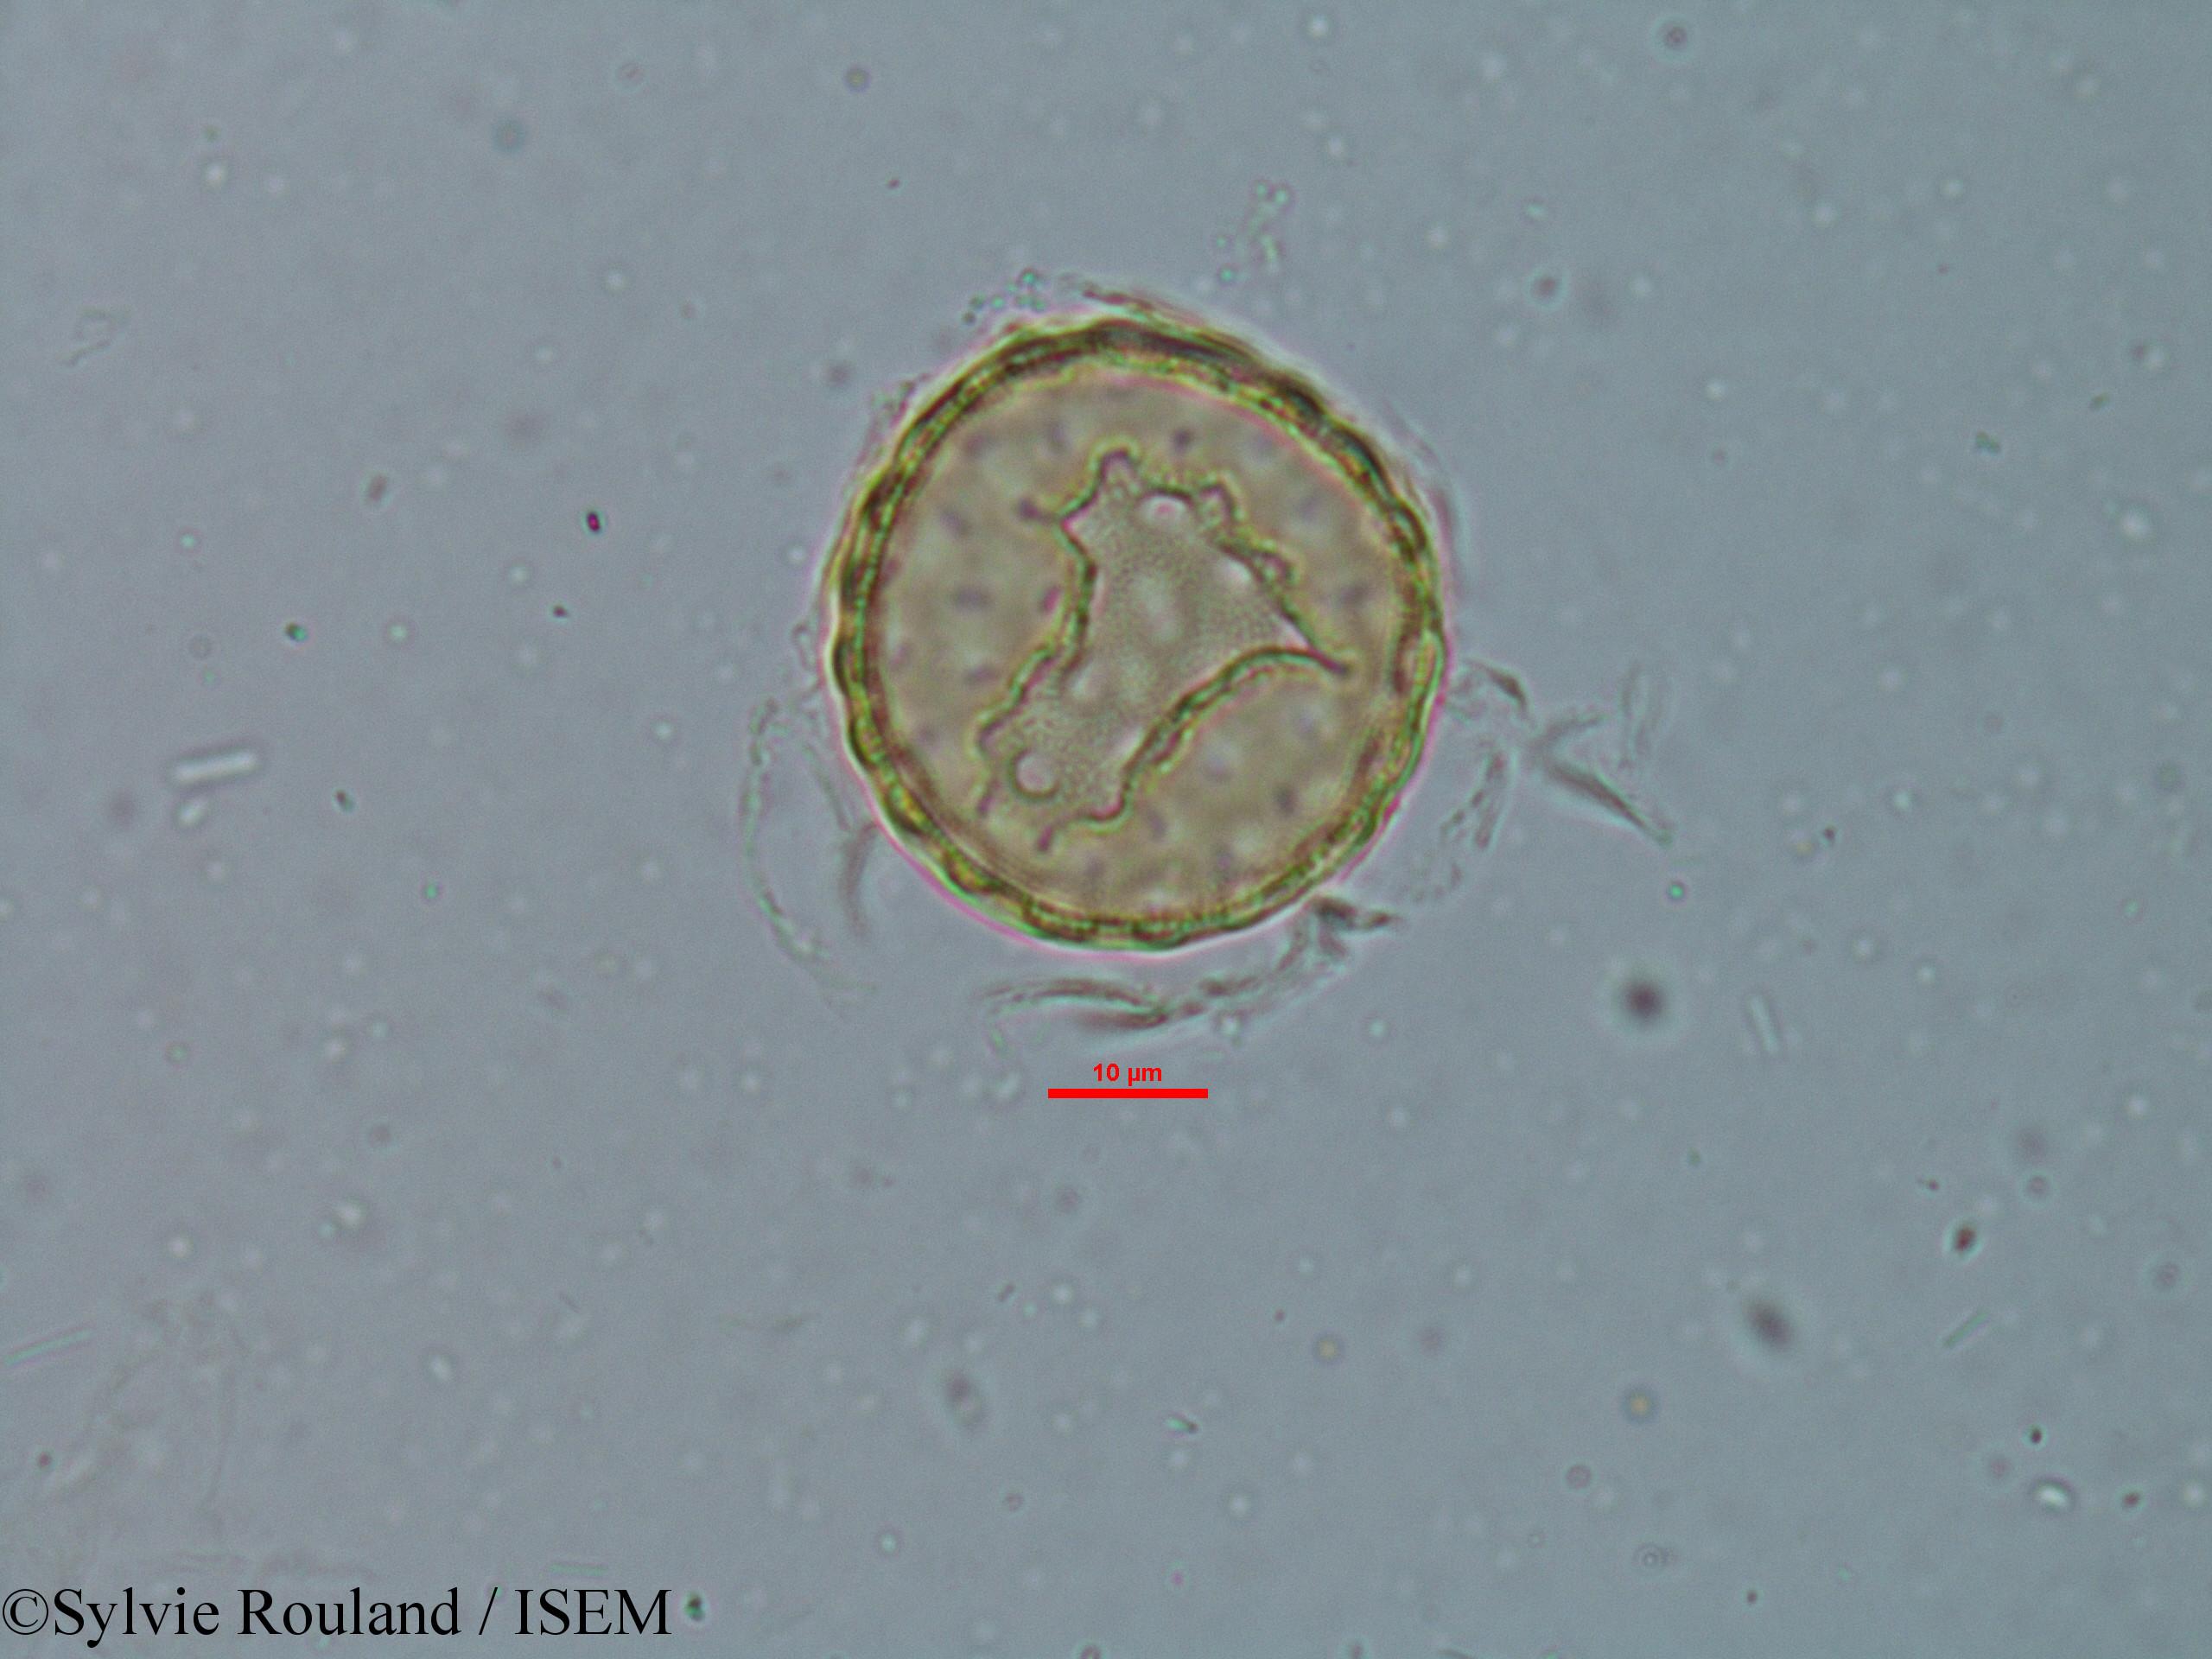 Sylvie.Rouland/Chenopodium_ambrosioides_6149/Chenopodium_ambrosioides_6149_0003(copy).jpg